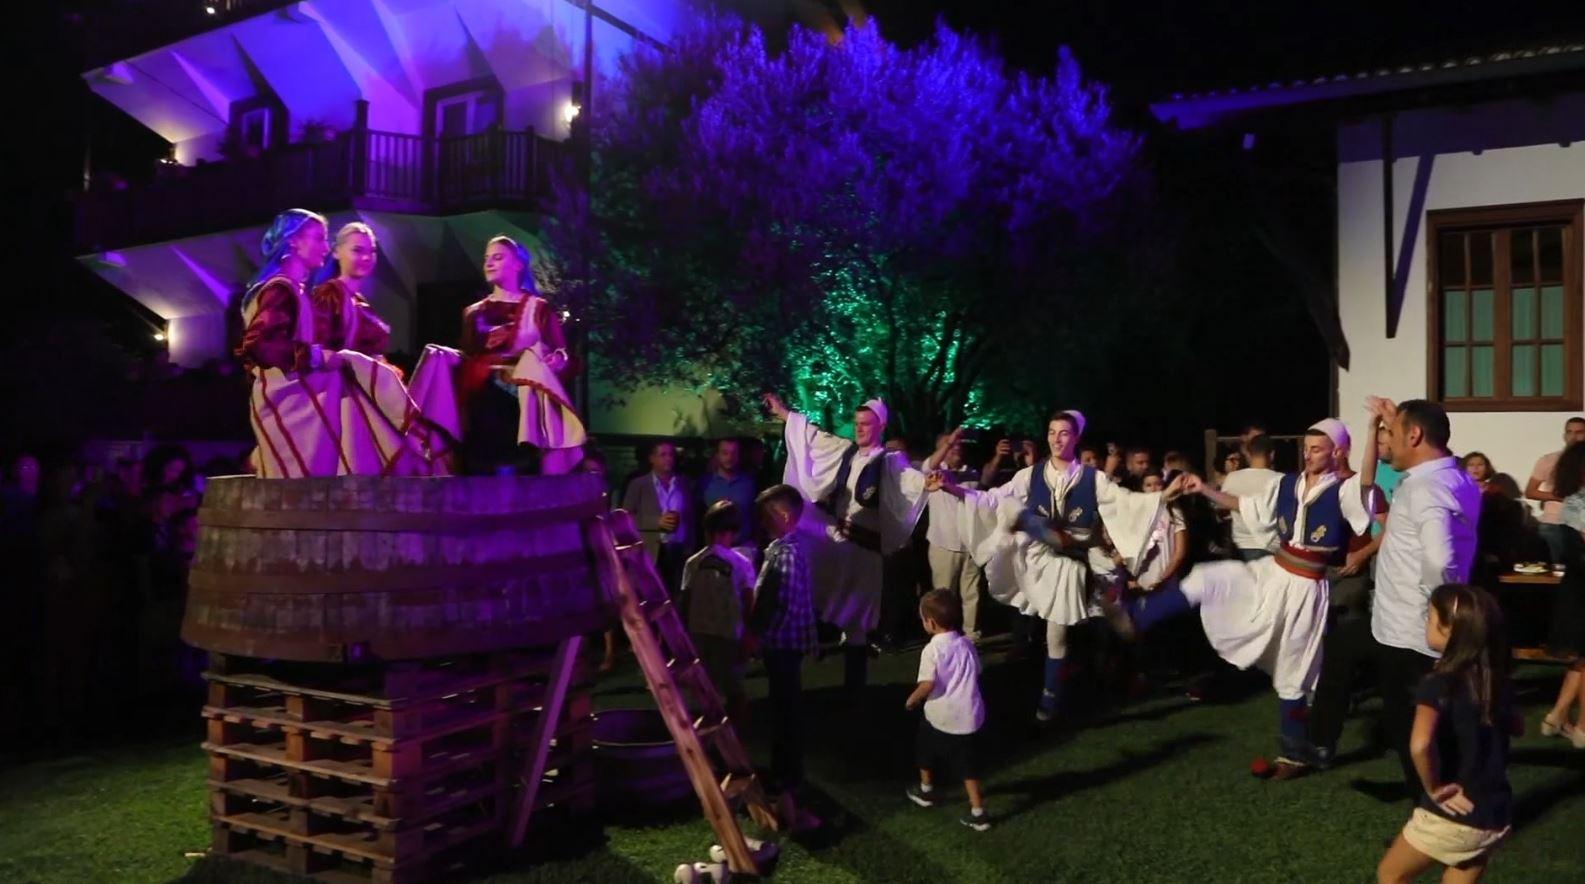 Festa e vjeljes së rrushit në Berat, ministri Klosi: Vitin tjetër do të ndërtojmë muzeun e verërave